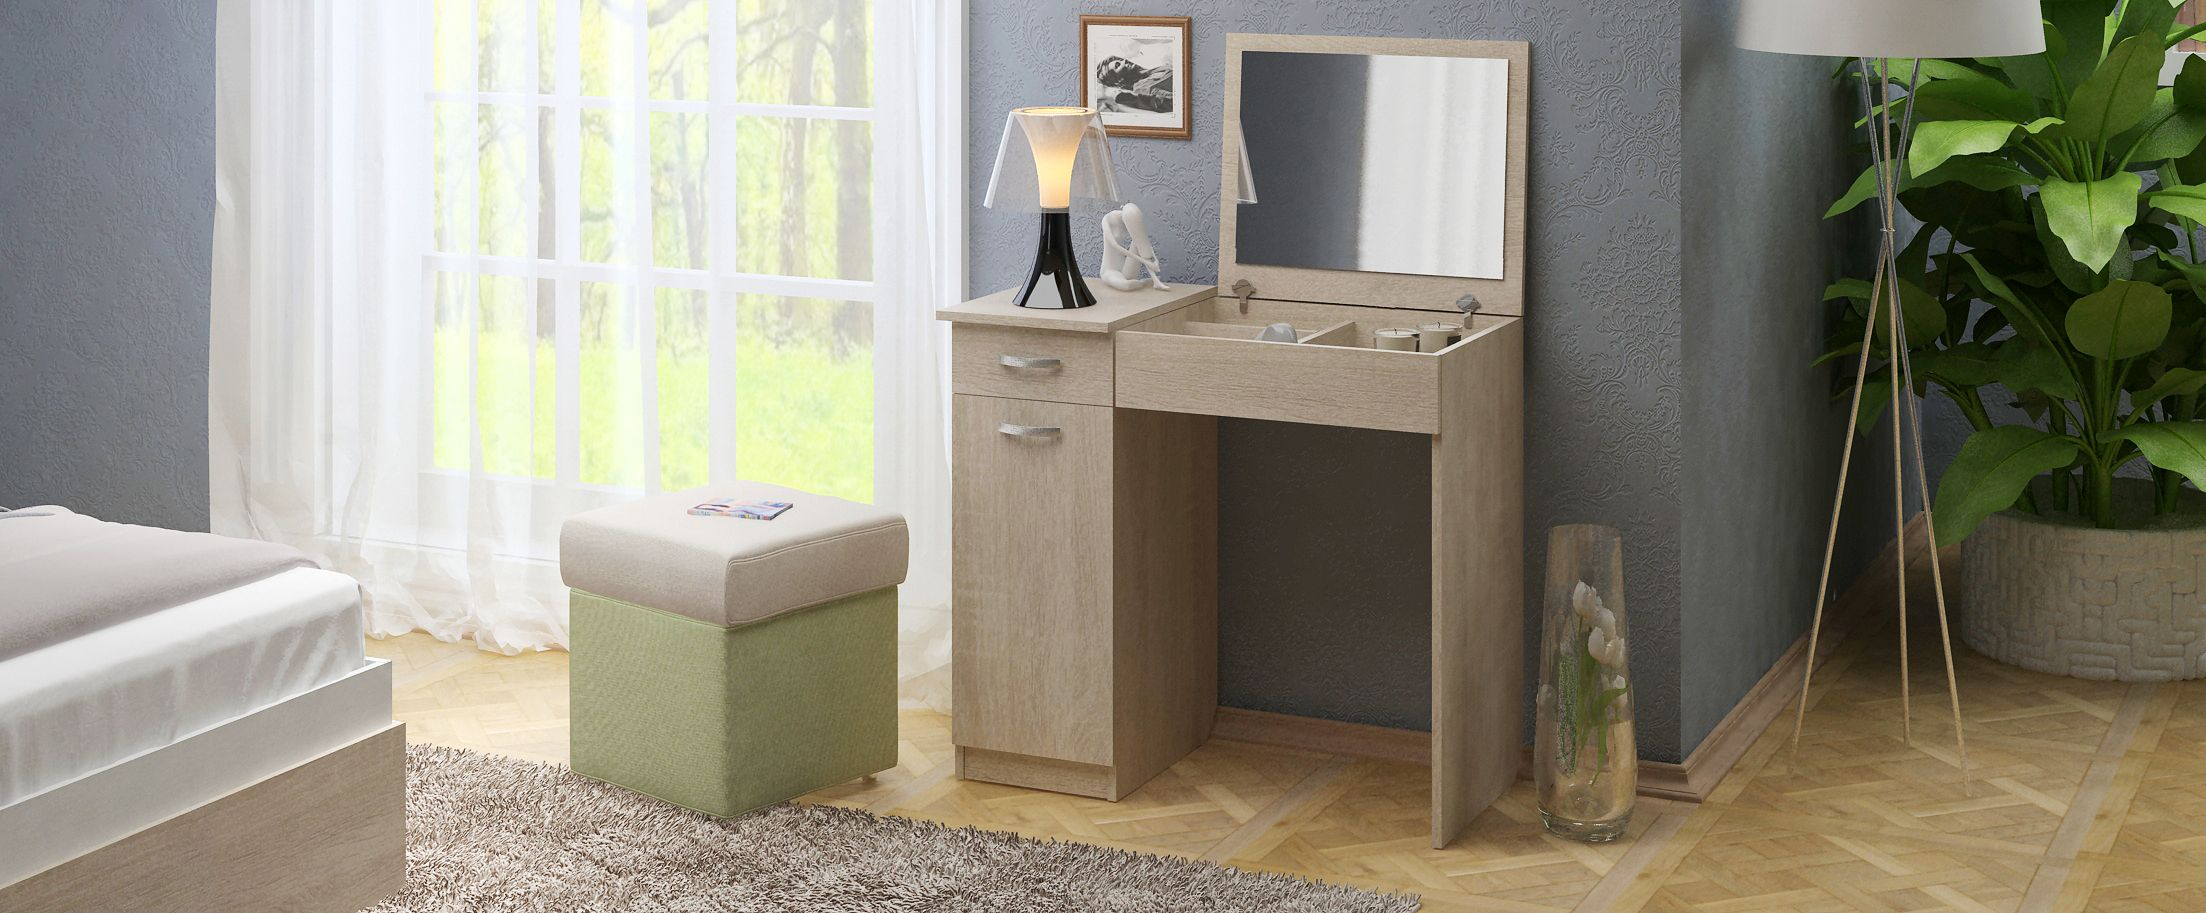 Туалетный столик Риано 3 Модель 801 от MOON TRADE